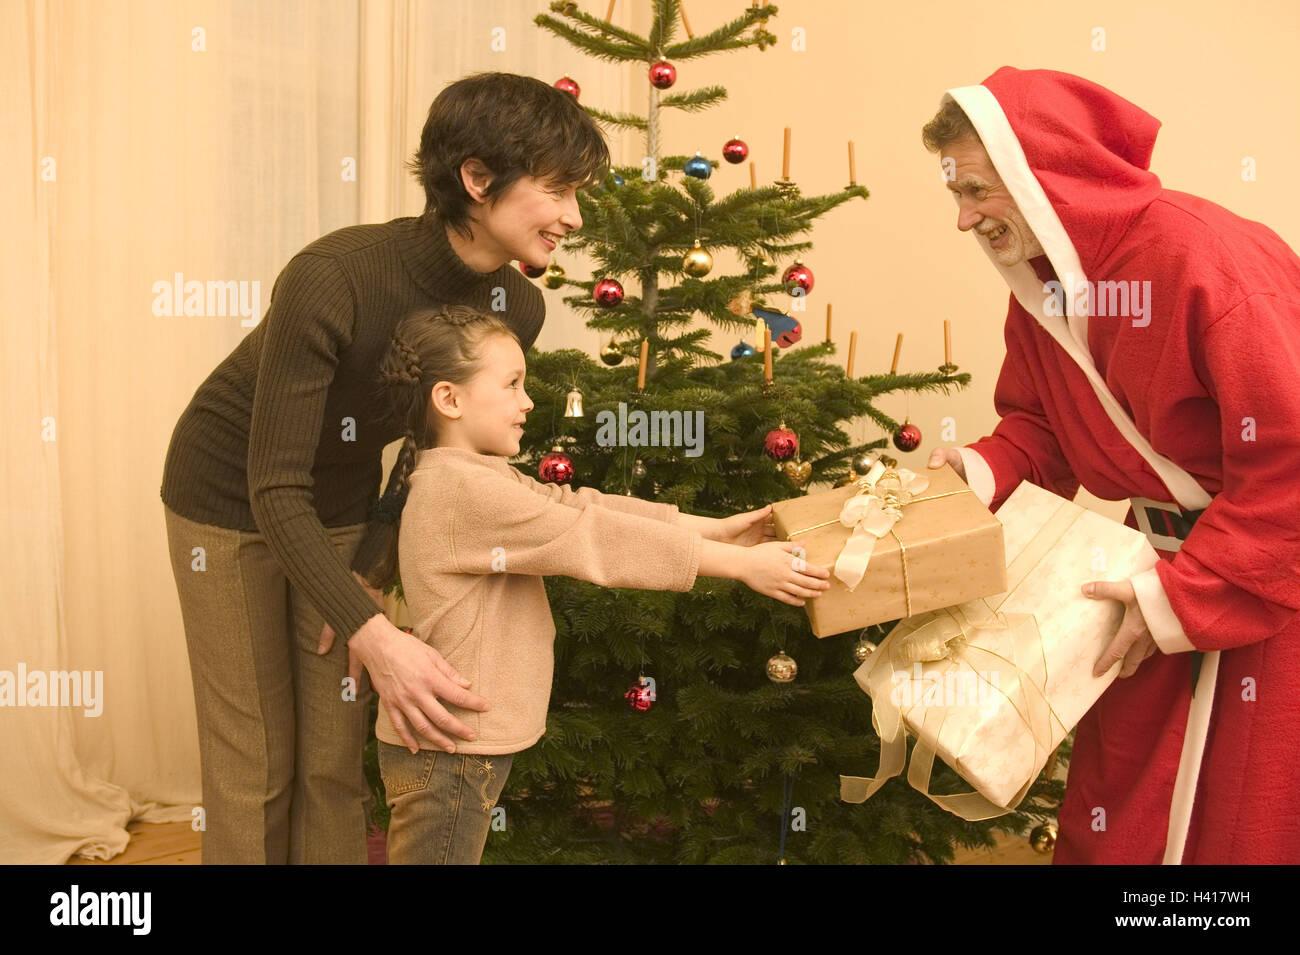 Weihnachten, Aufenthaltsräume, Vertrieb Geschenke, Vater, Futter ...